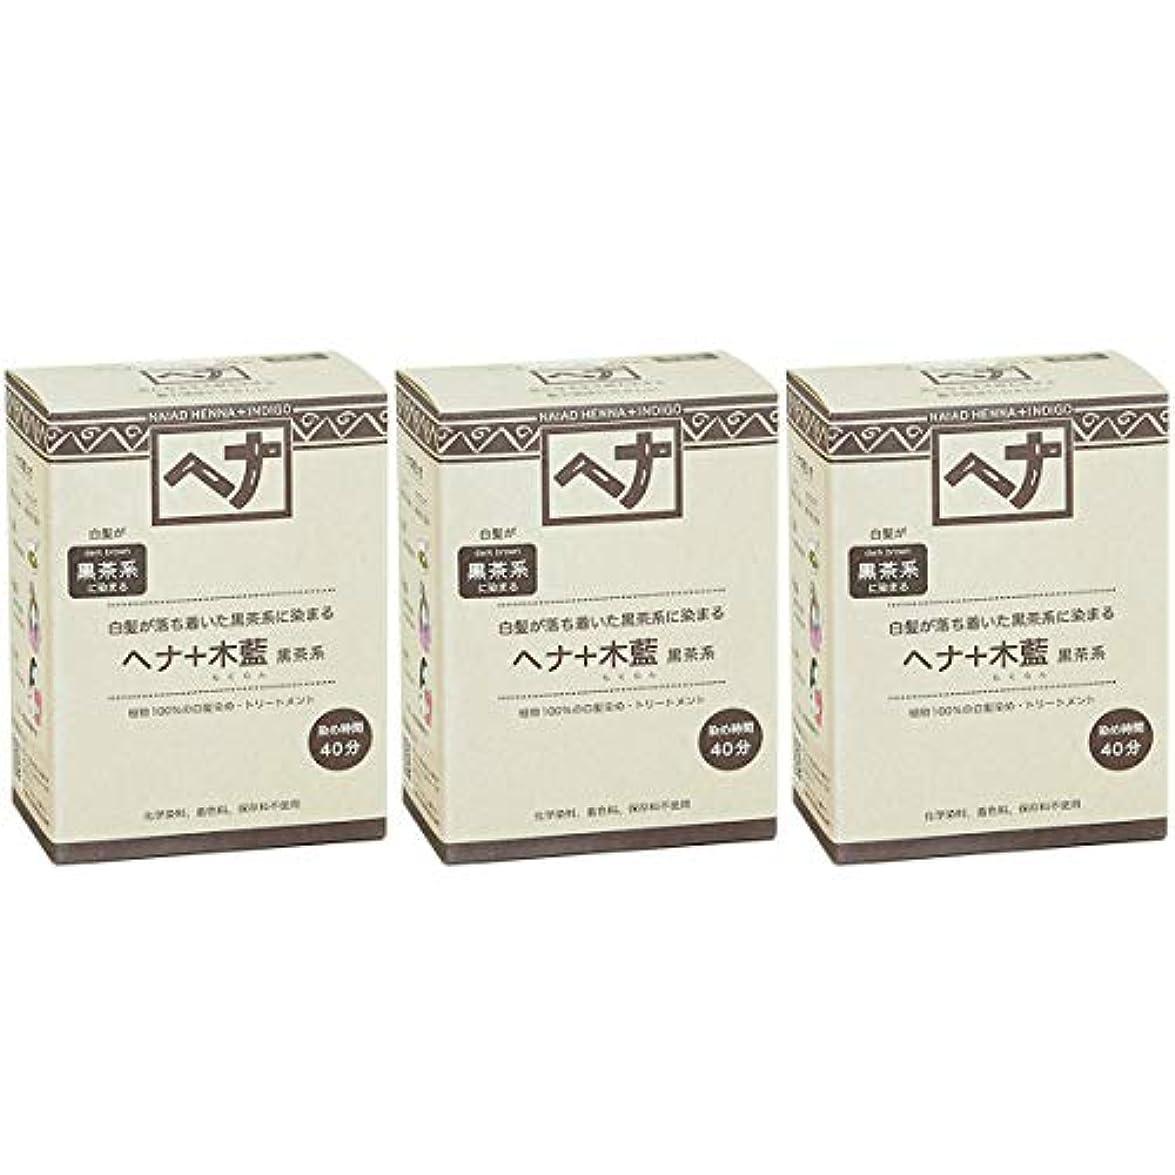 ライナー生おんどりナイアード ヘナ + 木藍 黒茶系 白髪が落ち着いた黒茶系に染まる 100g 3個セット